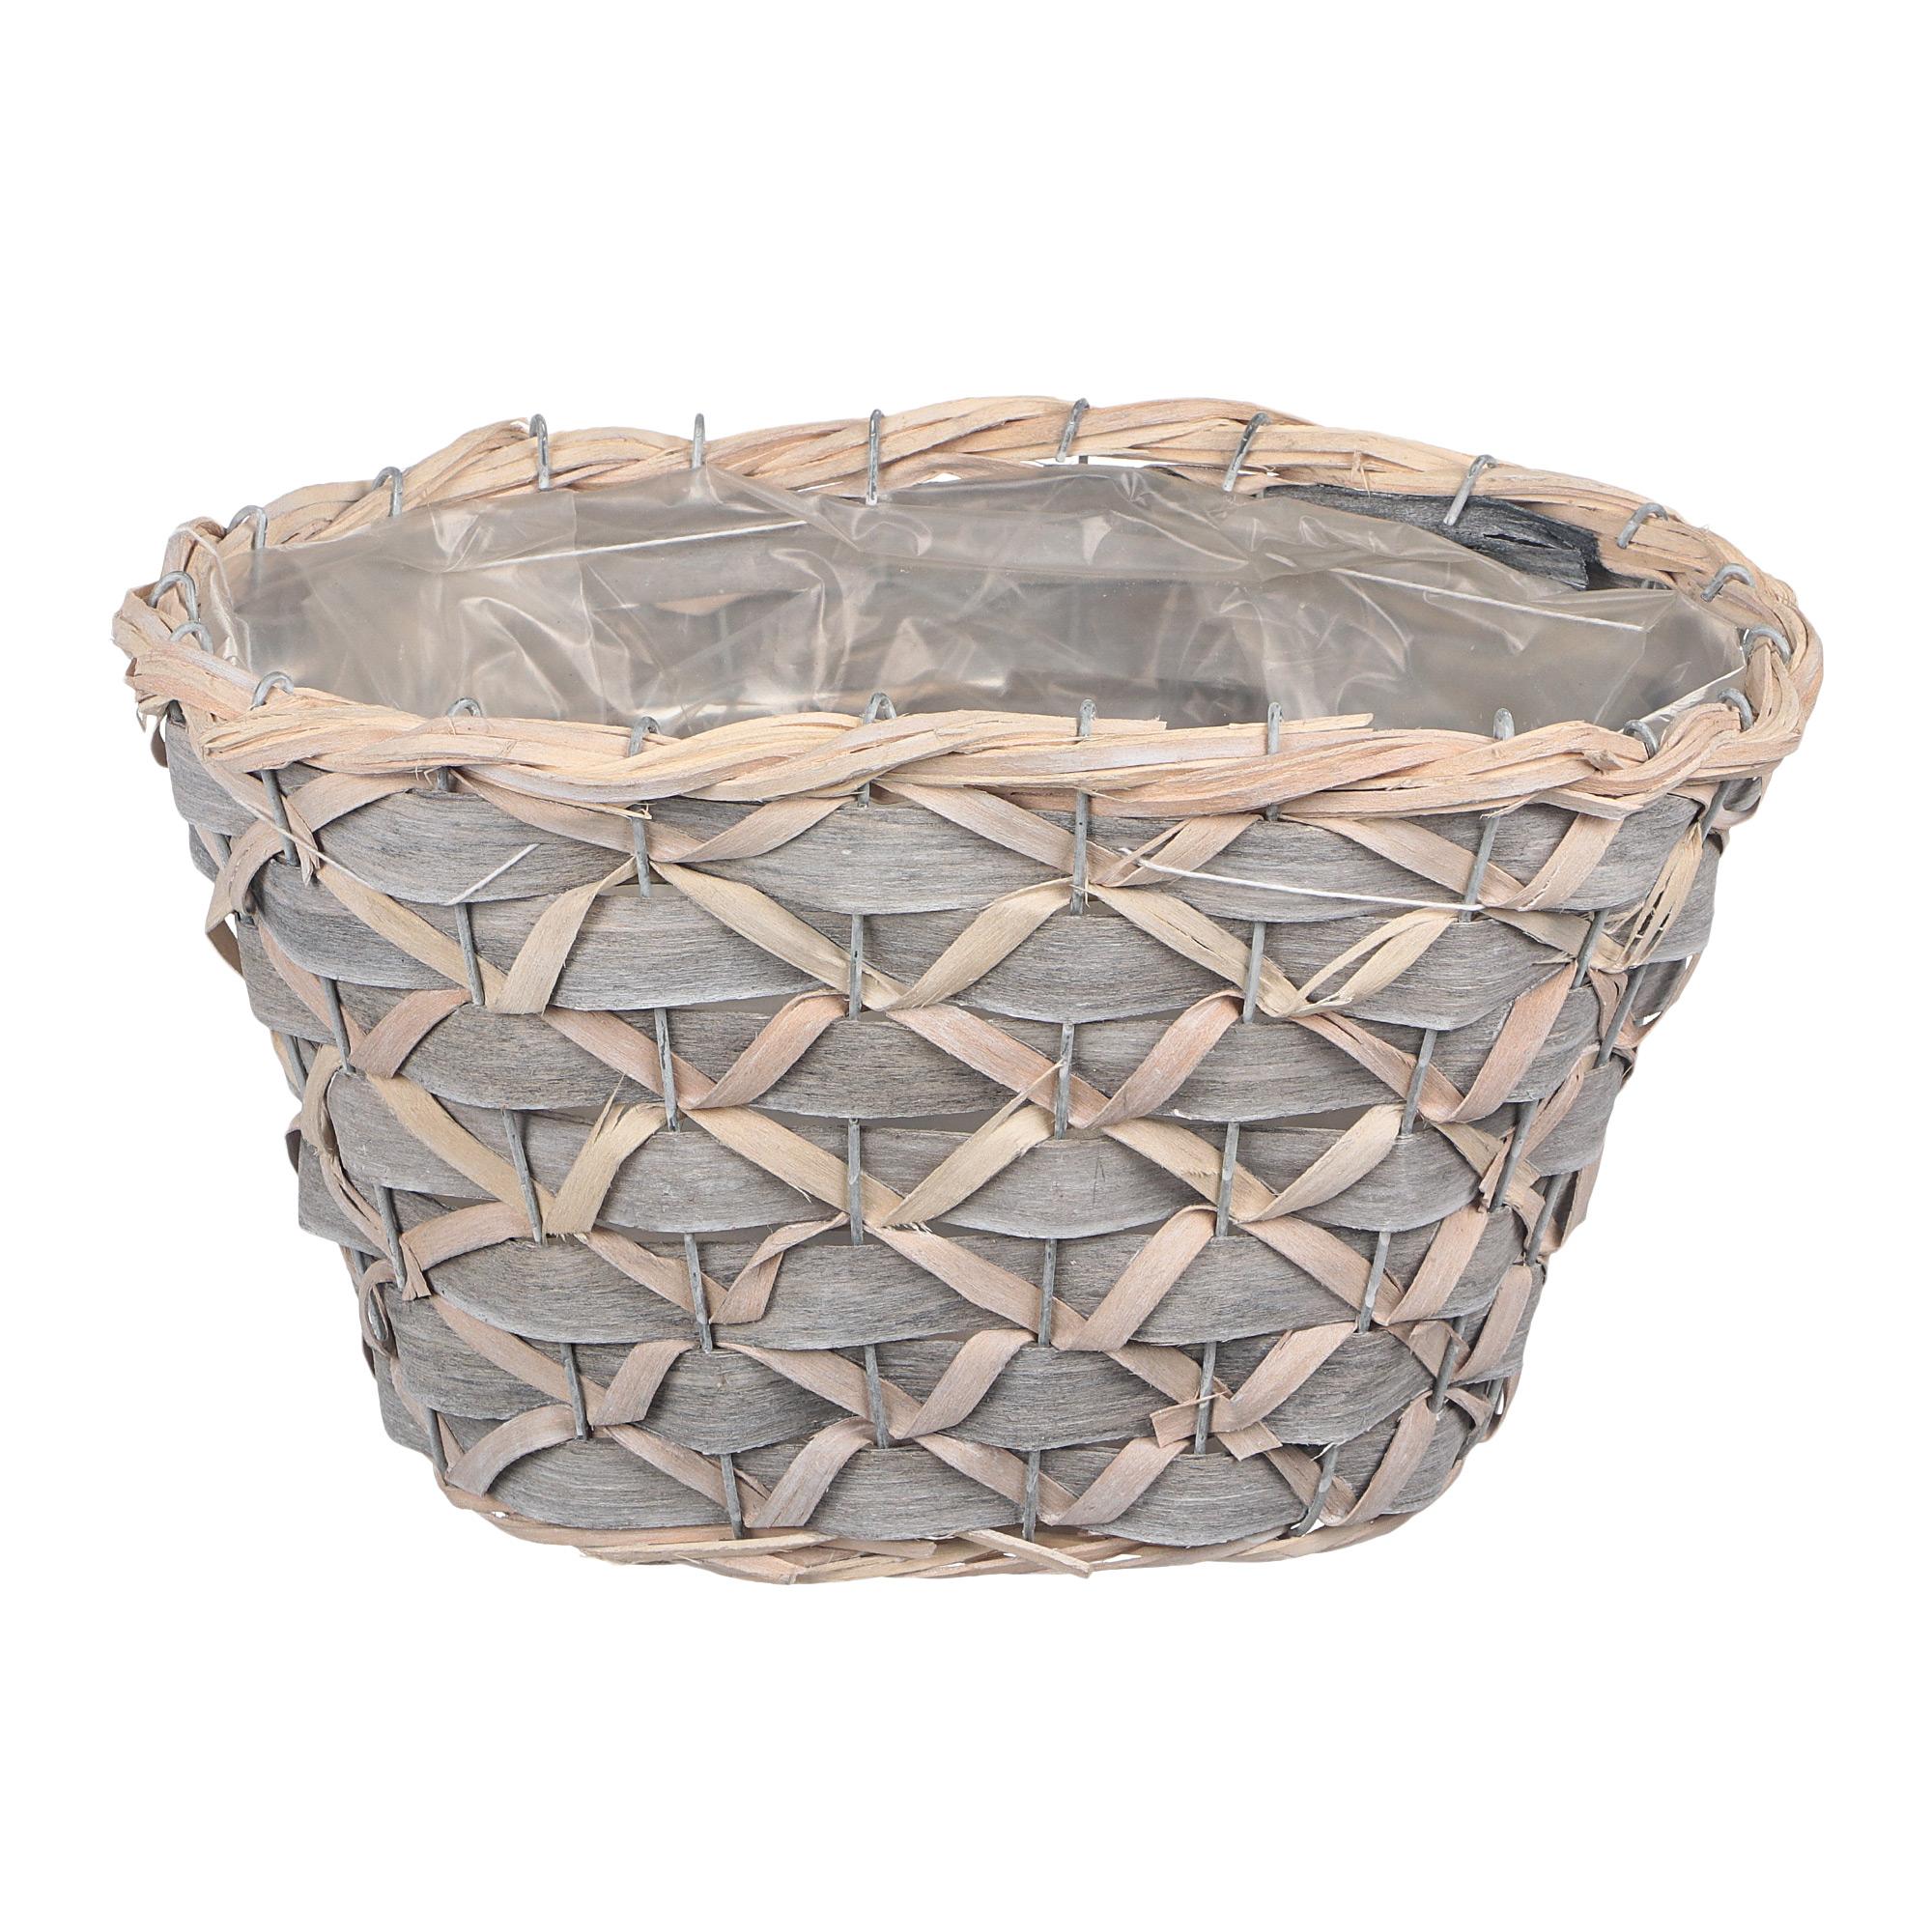 Кашпо Dekor pap плетеная корзина овальная 30x19x17см